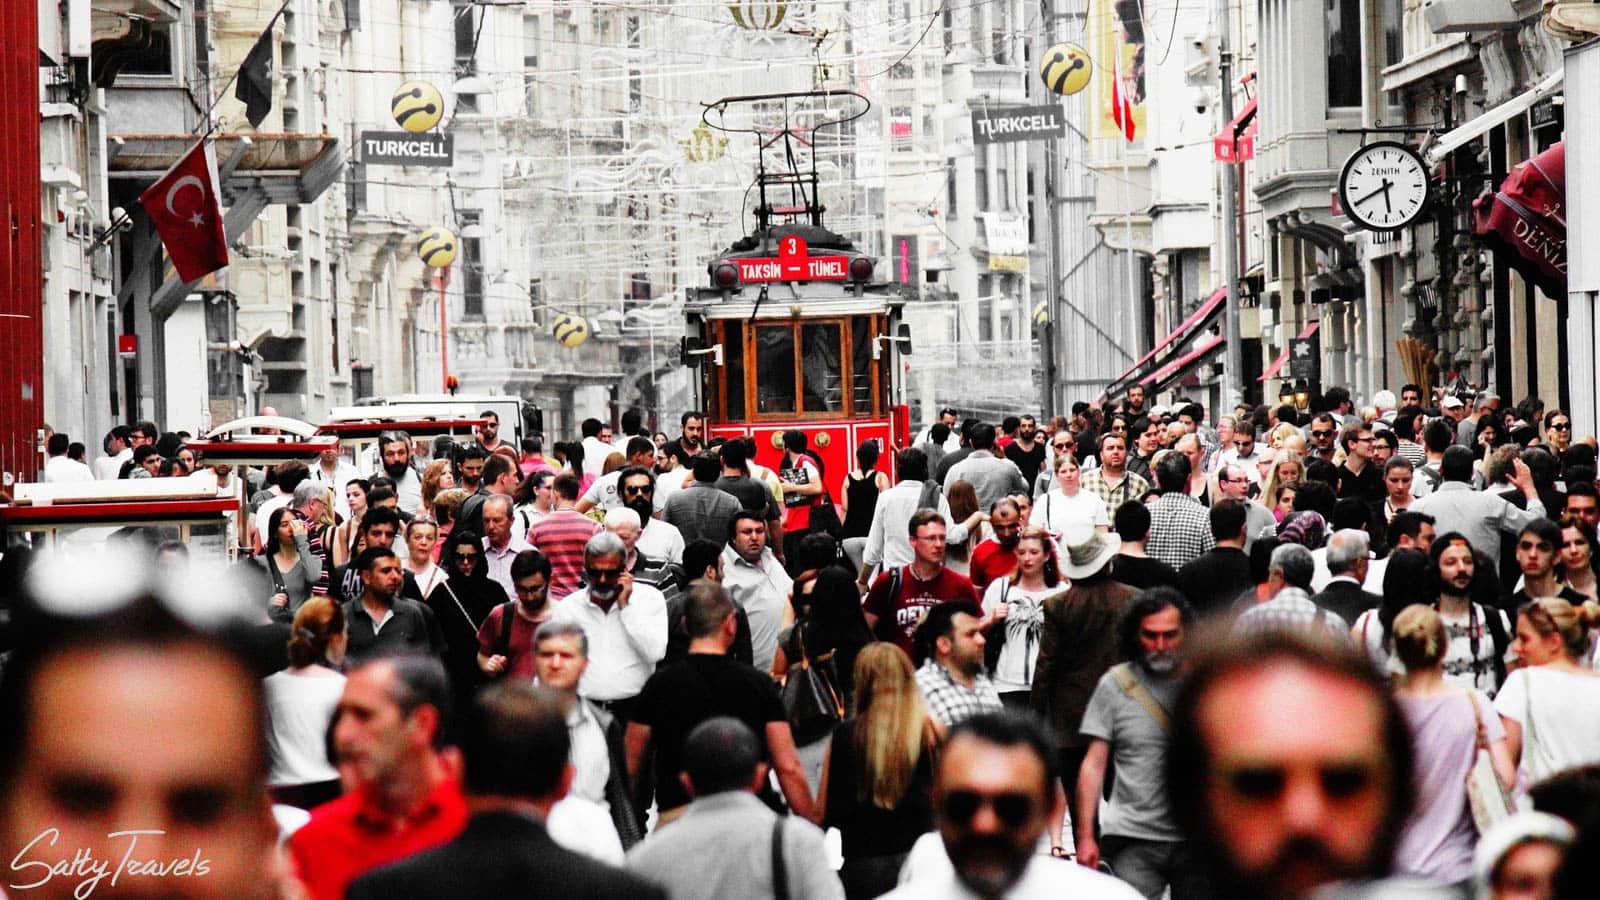 Oszuści w Stambule, Turcja, Salty Travels